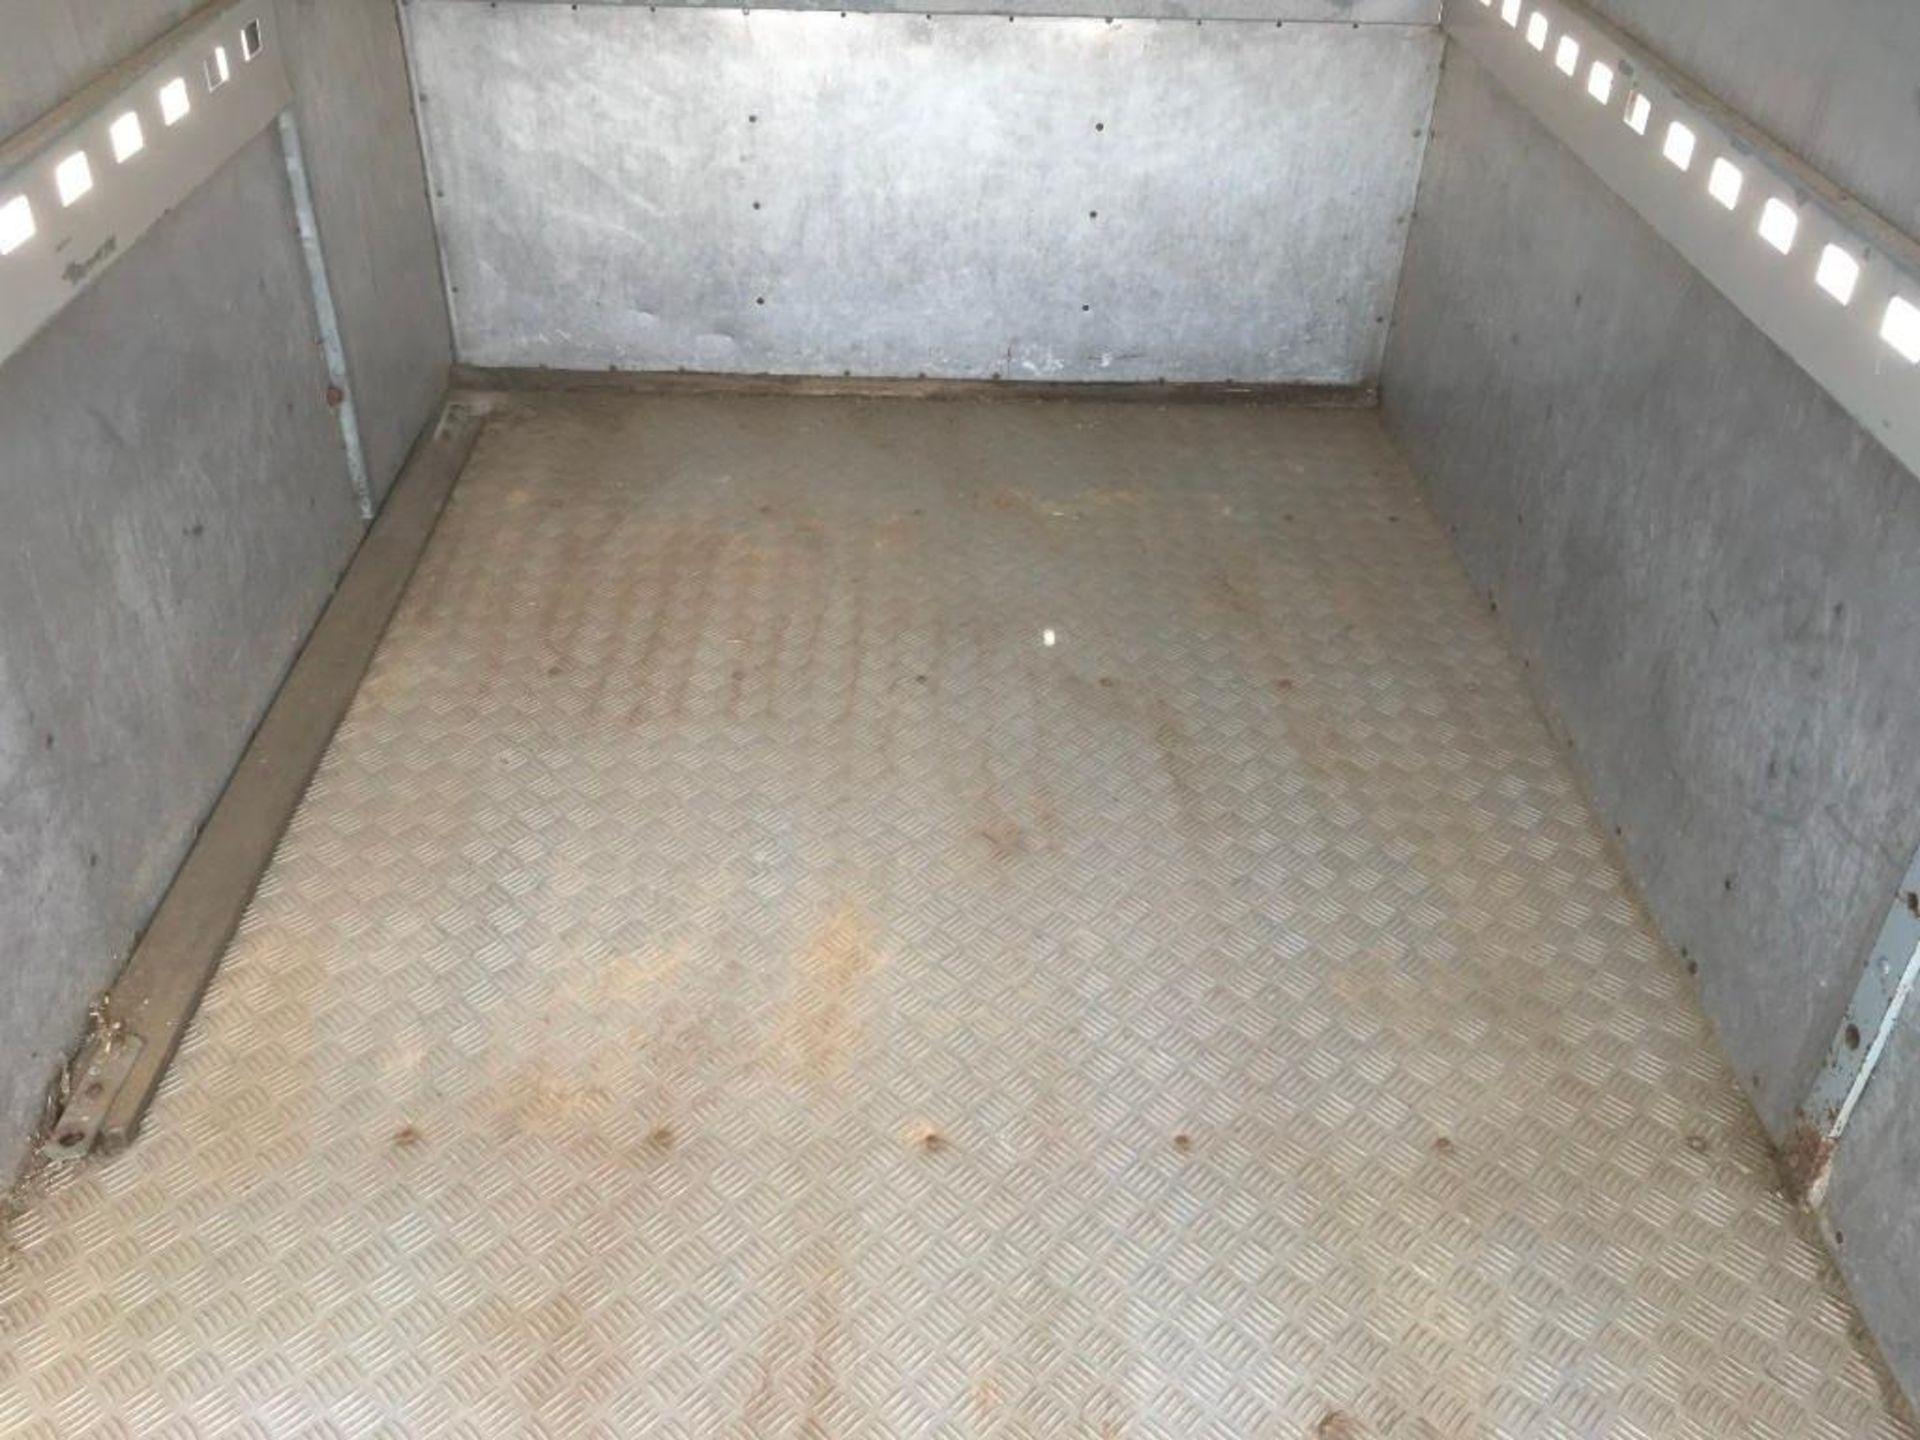 1996 Bateson Trailers 45LT twin axle livestock box, sprung rear door, side door, home made calf part - Image 11 of 14